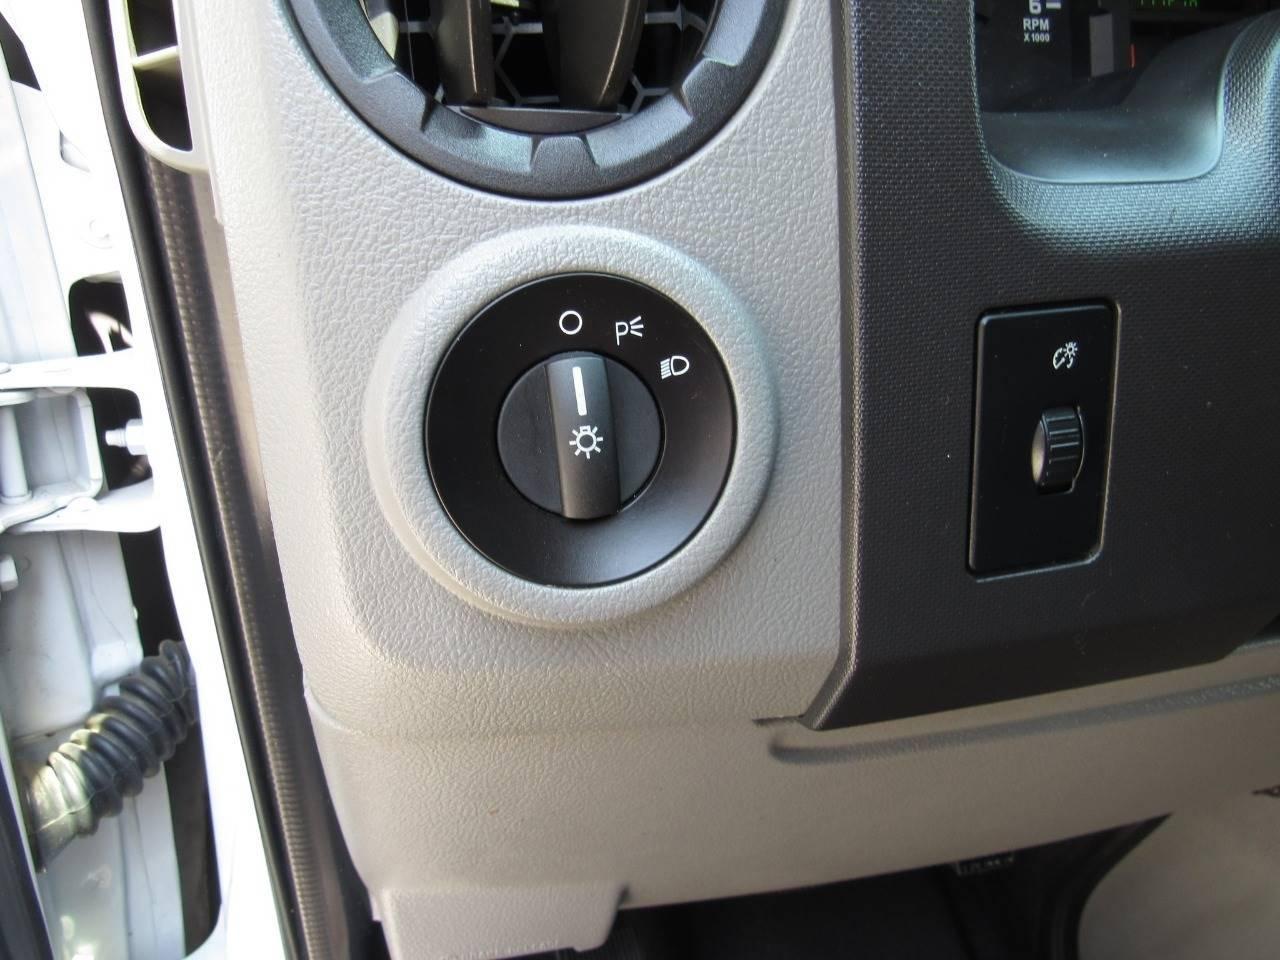 2013 Ford Econoline Van